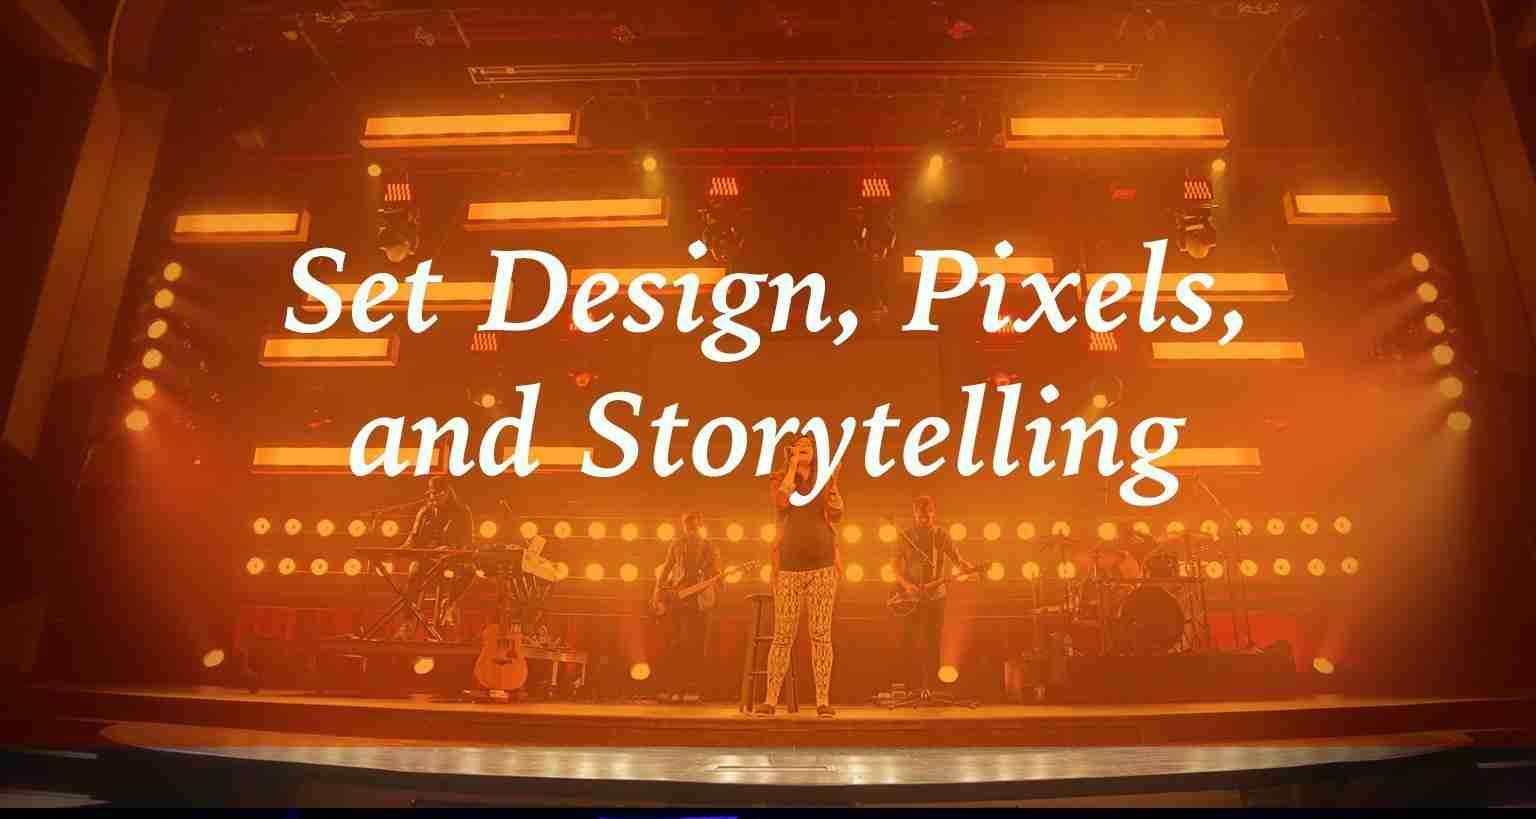 SALT: Set Design, Pixels, and Storytelling